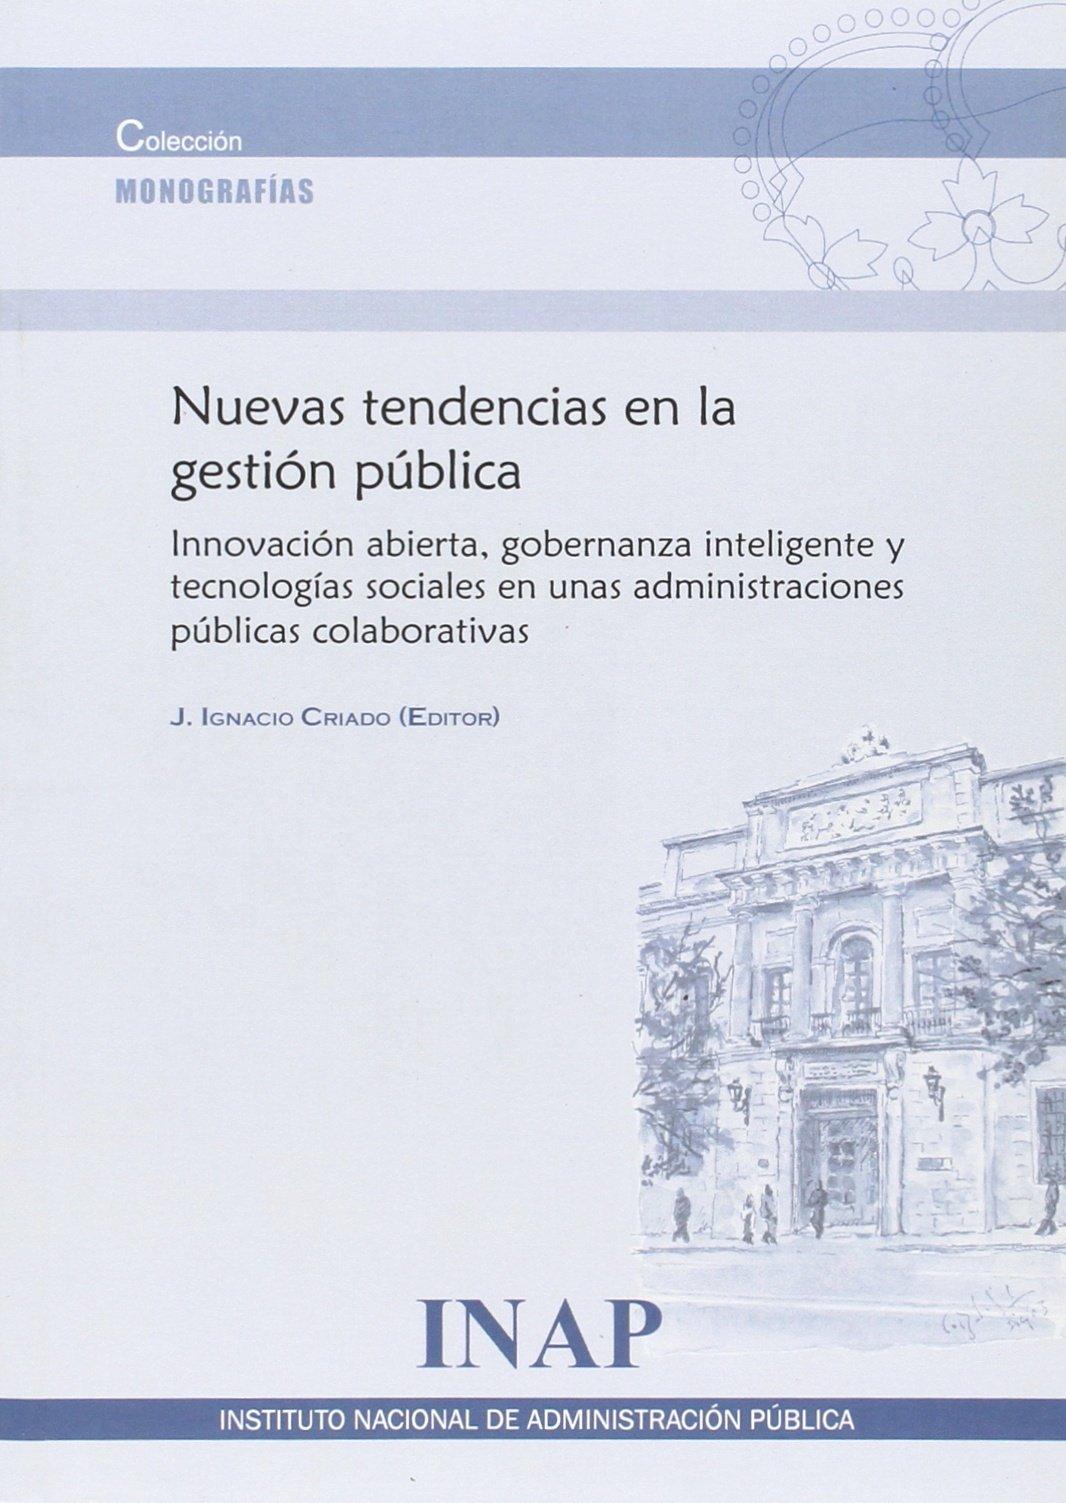 Nuevas tendencias en la gestión pública Tapa blanda – 1 may 2016 J.Ignacio Criado Grande 8473515250 Public administration